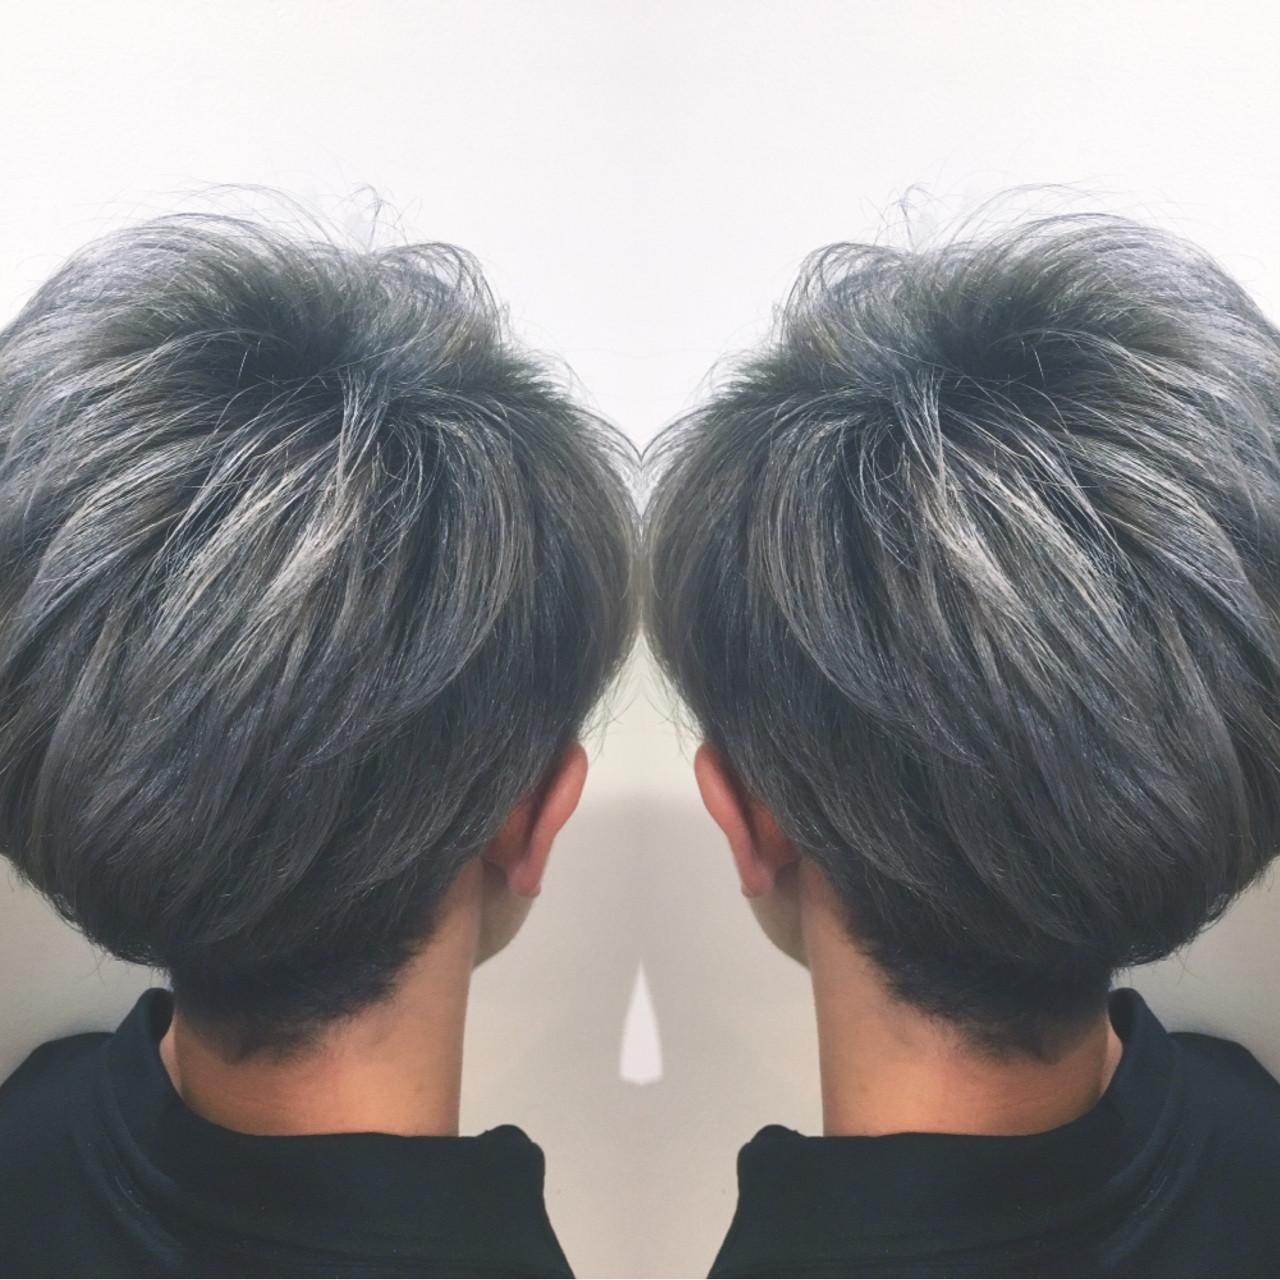 ハイライト ストリート グラデーションカラー アッシュ ヘアスタイルや髪型の写真・画像 | 筒井 隆由 / Hair salon mode